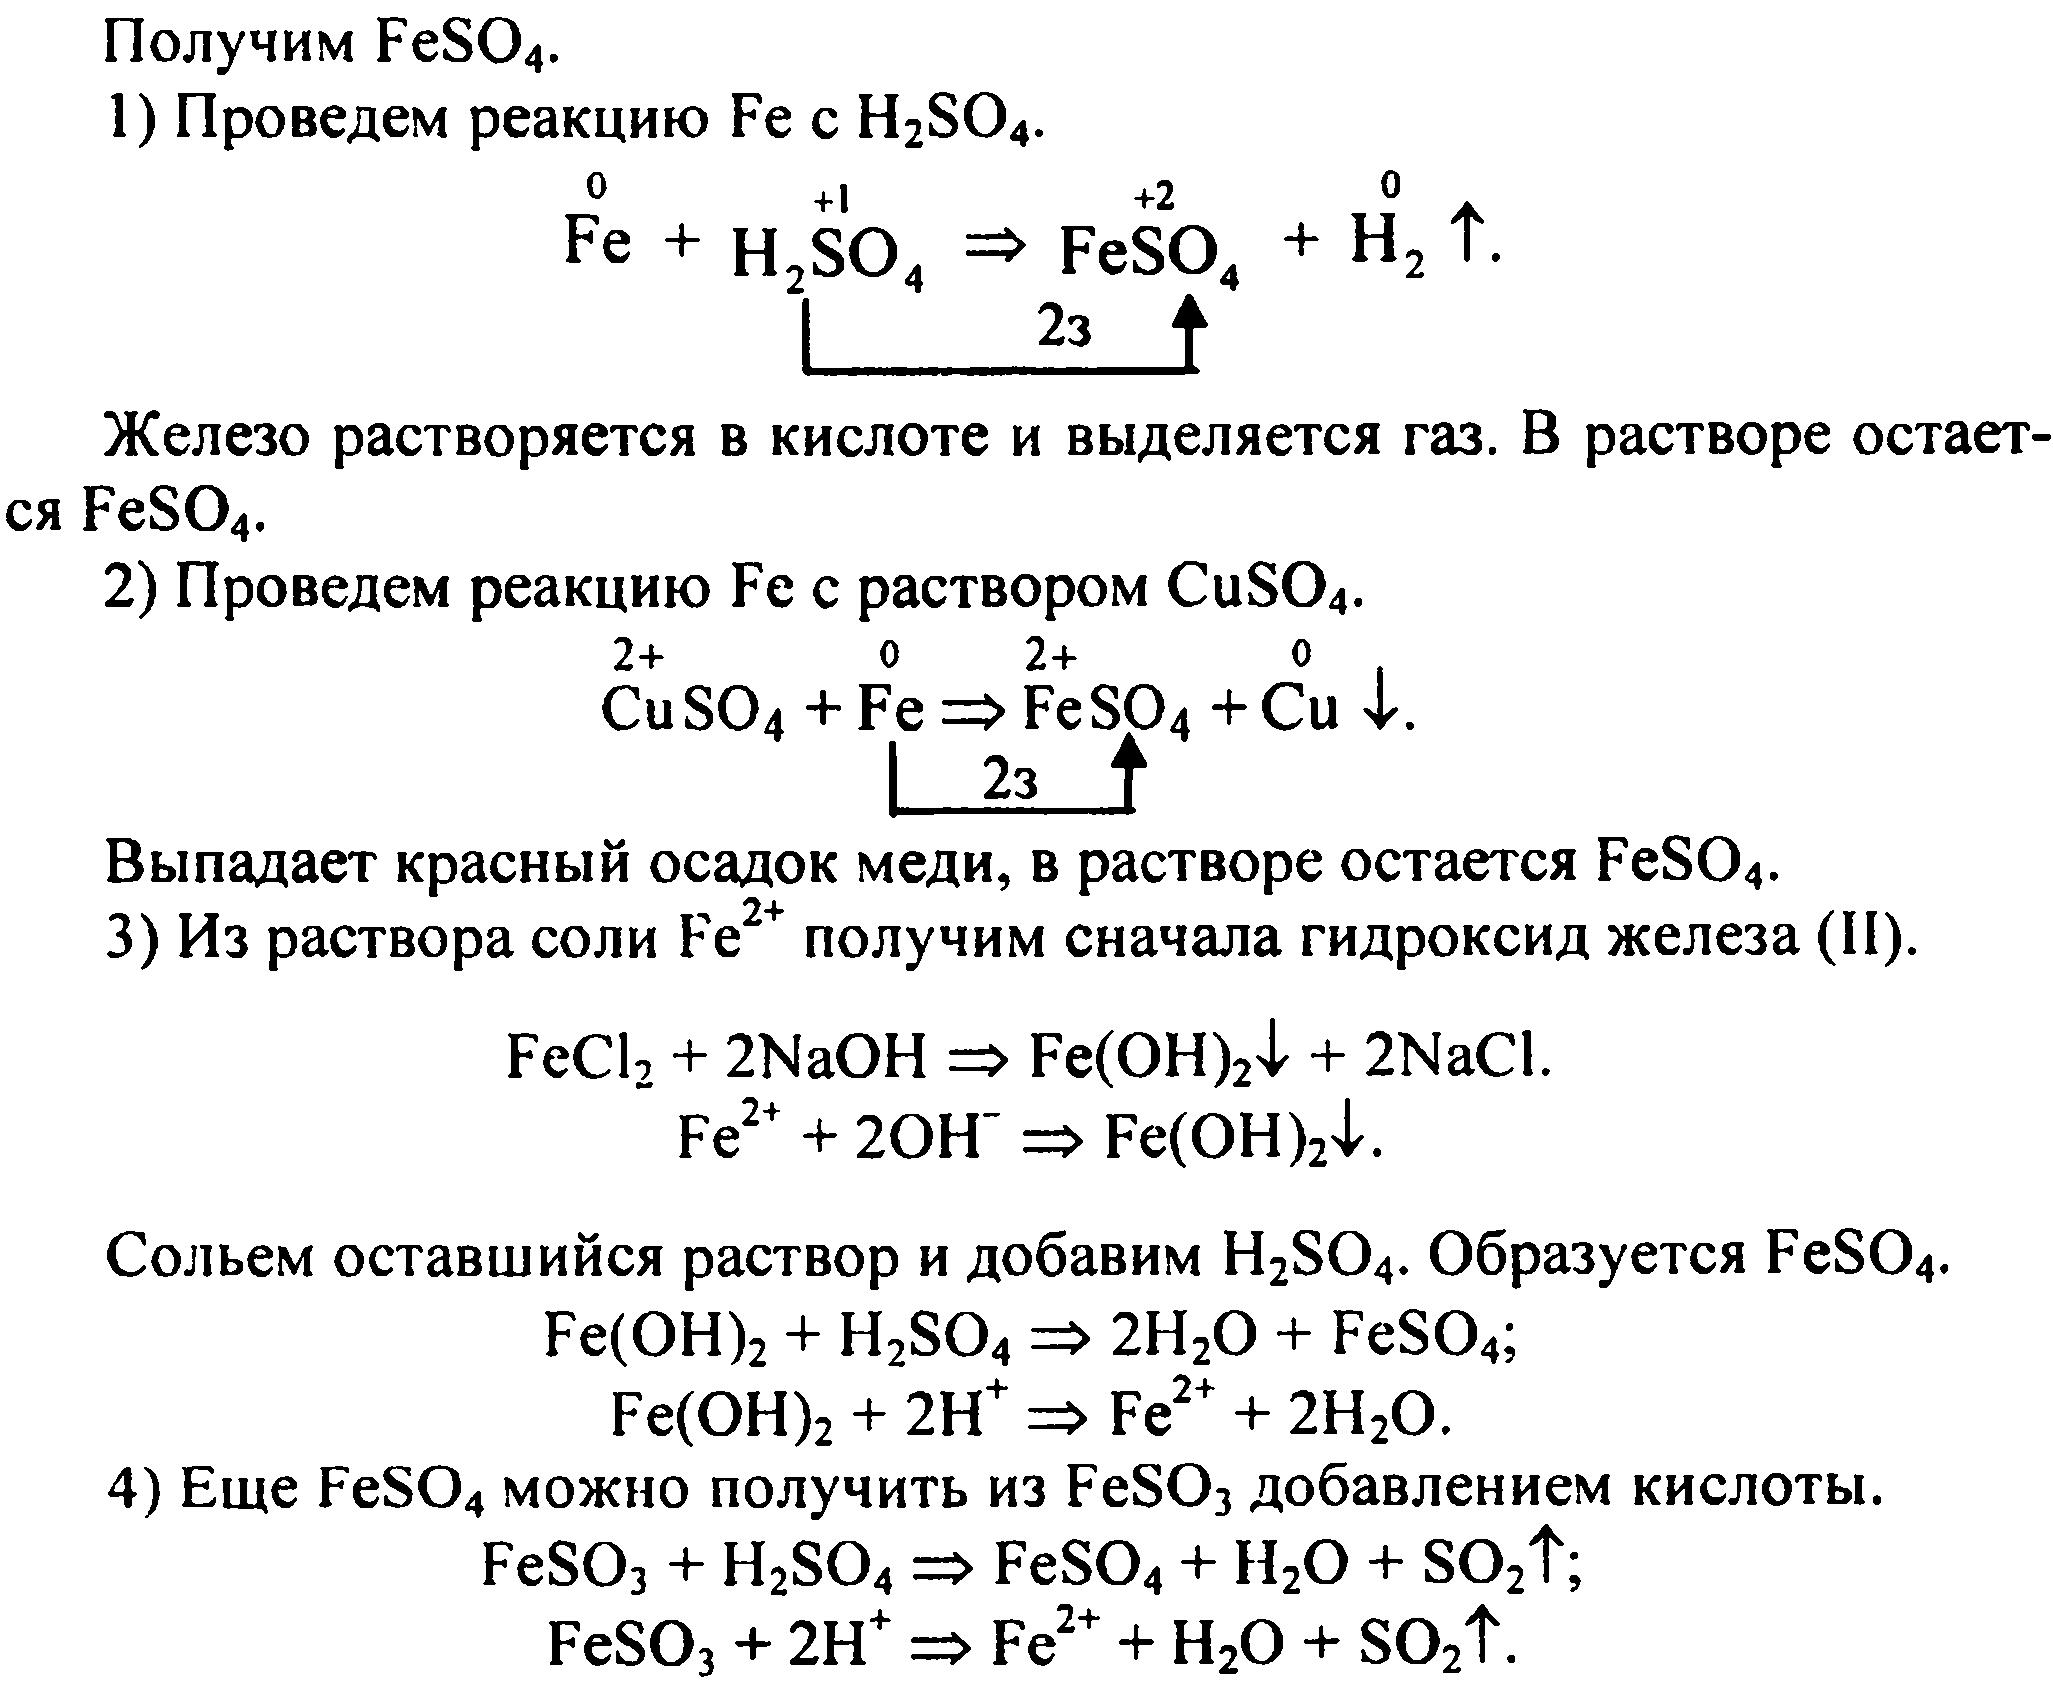 reshenie-kontrolnie-po-zadachniku-8-klass-kuznetsova-onlayn-dlya